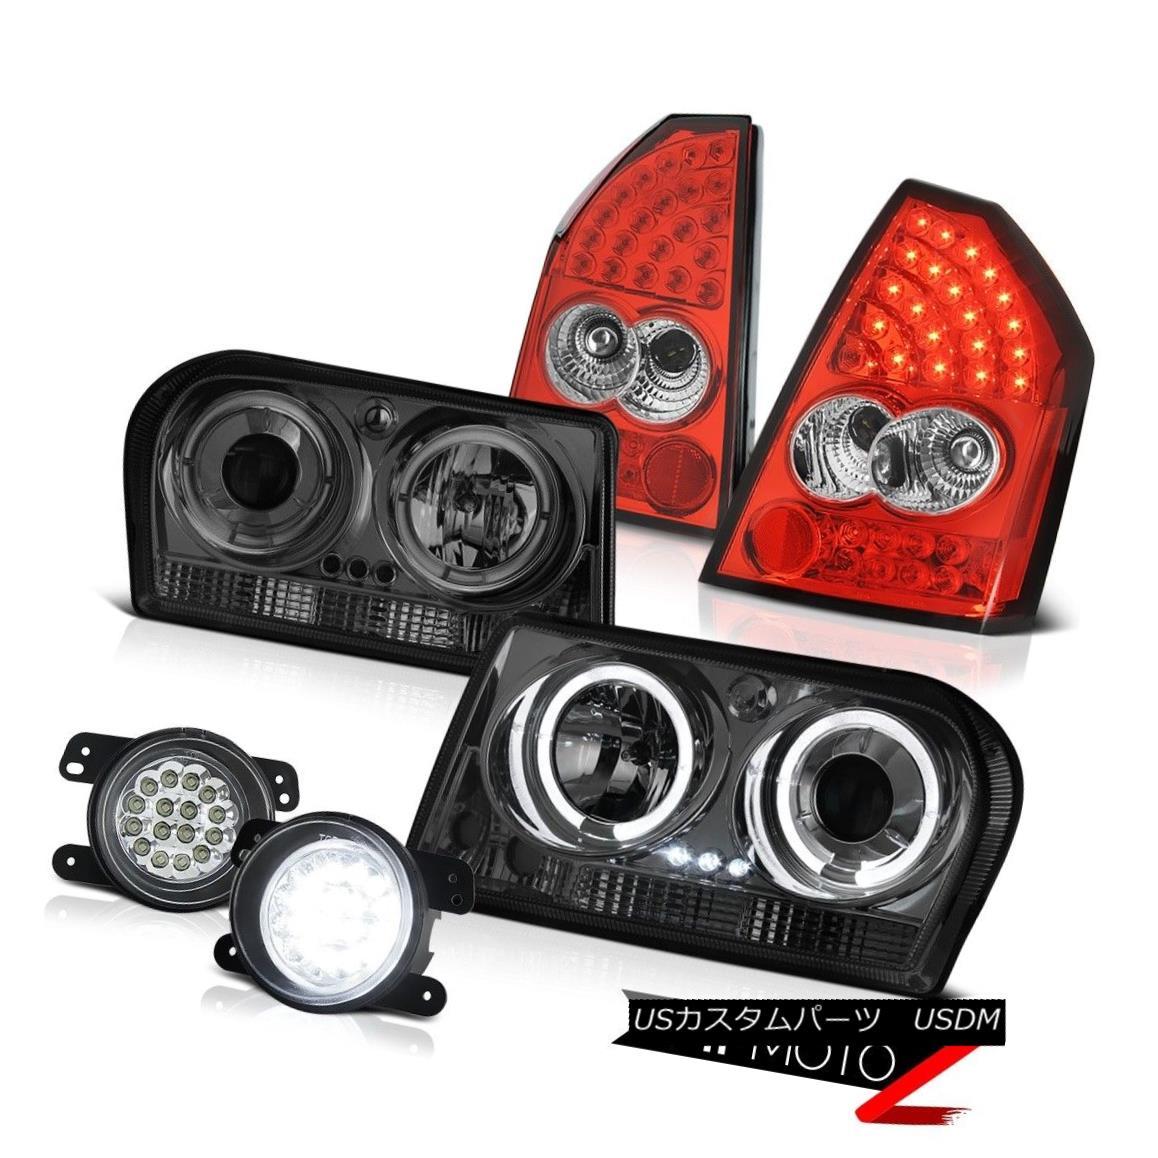 テールライト 2005-2007 Chrysler 300 Touring Angel Eye Headlights LED Tail Lights SMD Foglamps 2005-2007クライスラー300ツーリングエンジェルアイヘッドライトLEDテールライトとフォグランプ